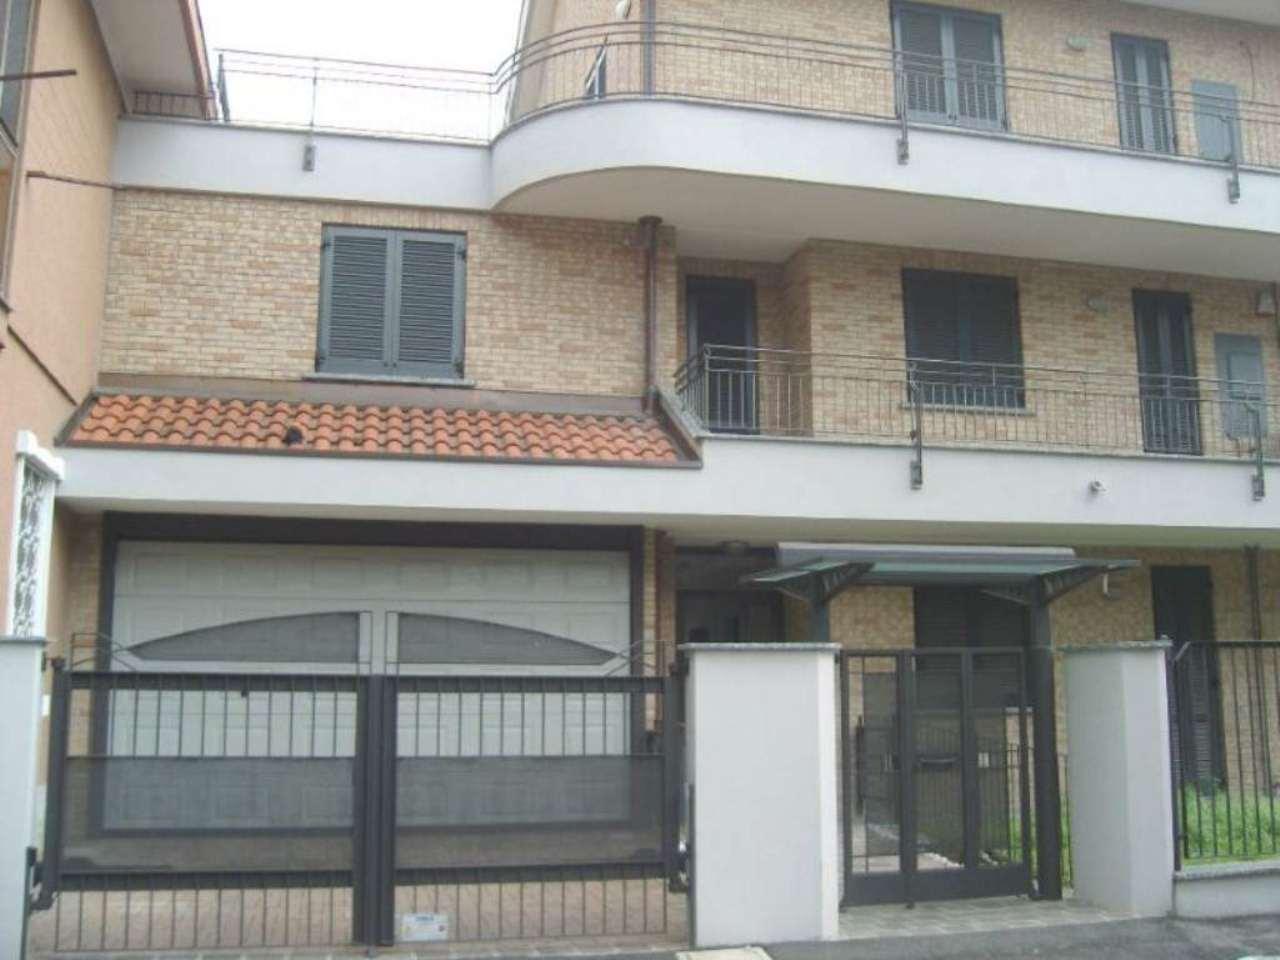 Attico / Mansarda in vendita a Desio, 4 locali, prezzo € 310.000 | Cambio Casa.it